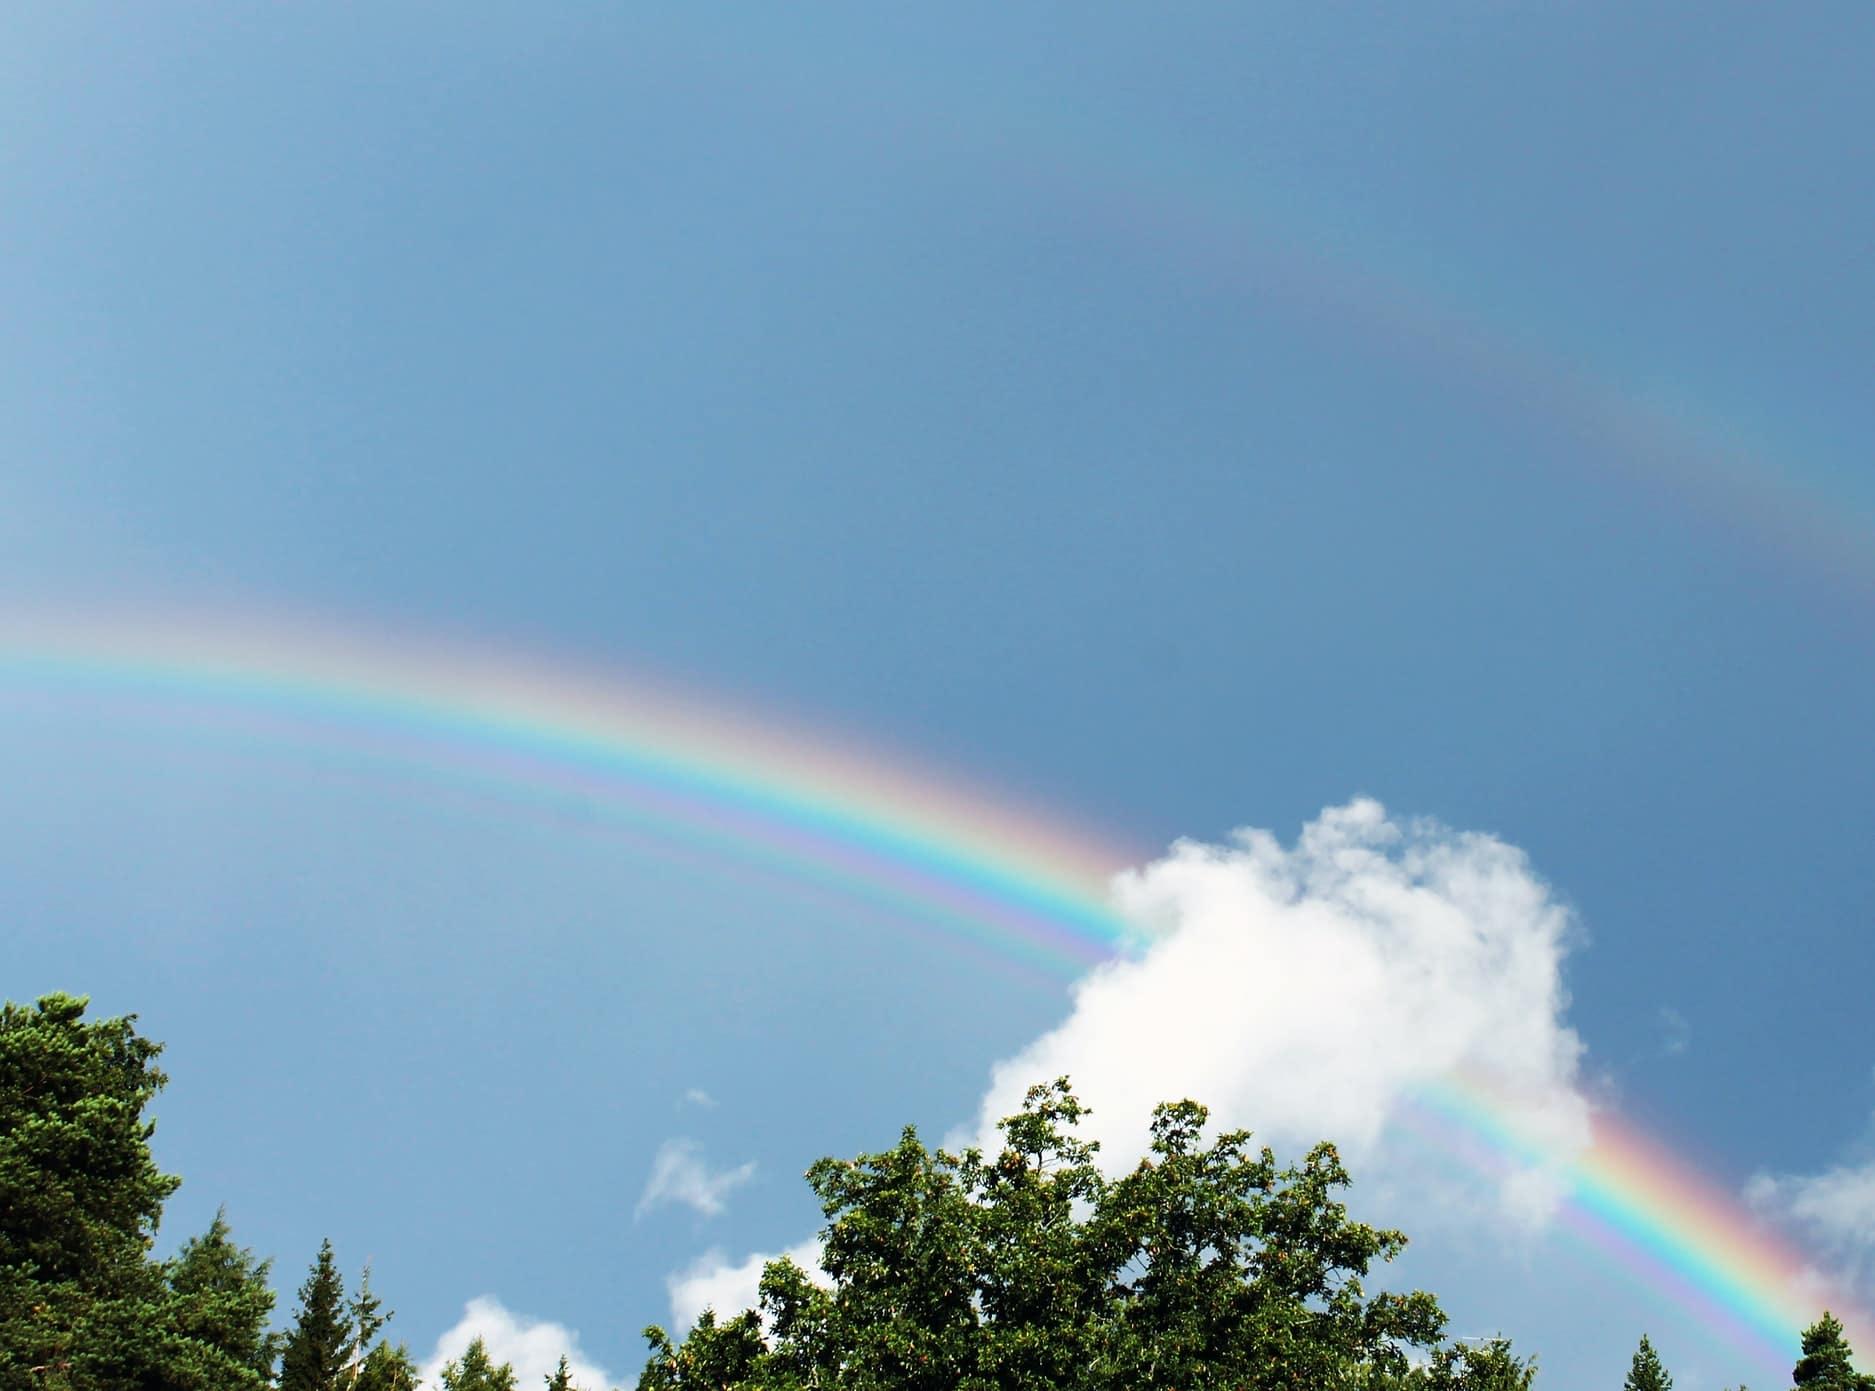 【徹底解説】Over the Rainbow – 作詞・作曲の背景や様々なカヴァー作品